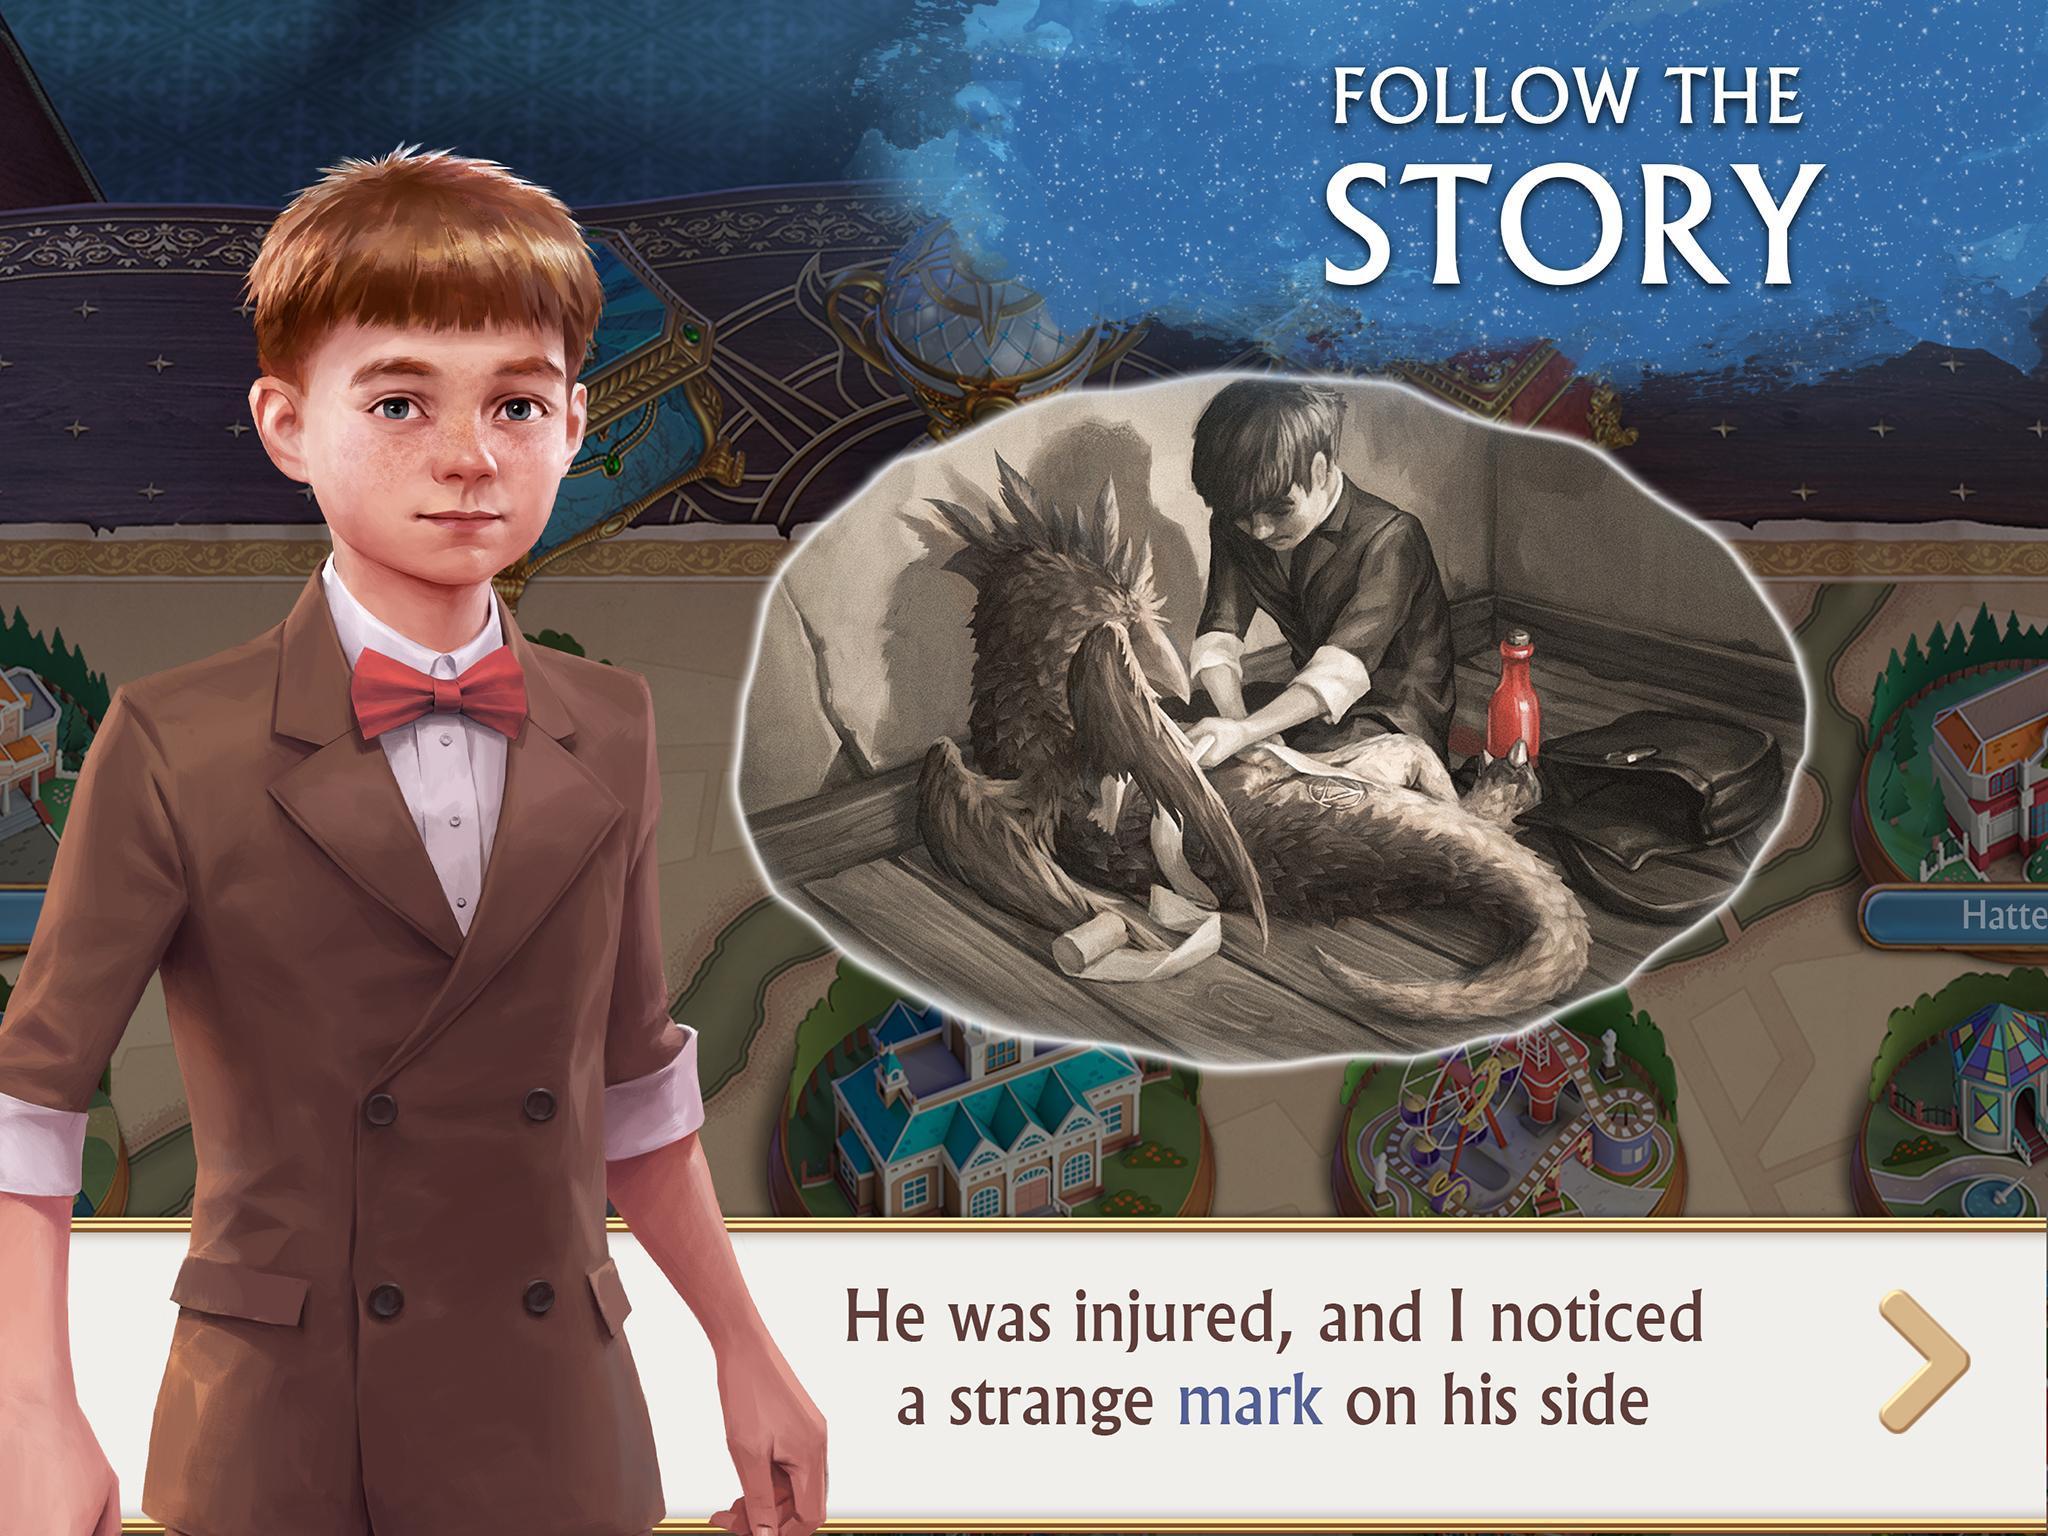 Ravenhill®: Hidden Mystery - Match-3 with a Story 2.21.1 Screenshot 9